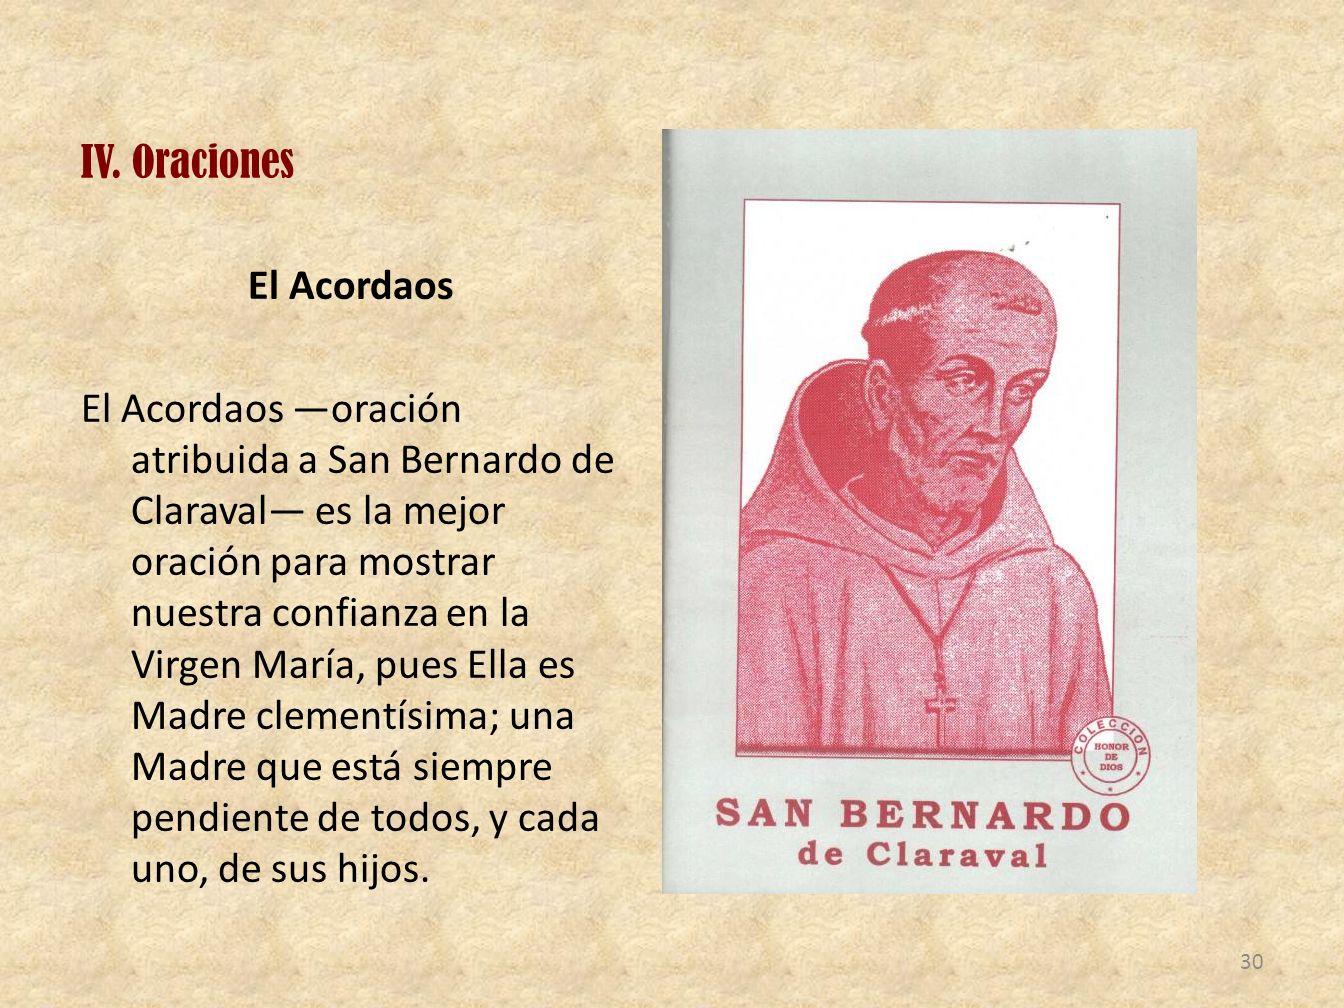 IV. Oraciones El Acordaos El Acordaos oración atribuida a San Bernardo de Claraval es la mejor oración para mostrar nuestra confianza en la Virgen Mar